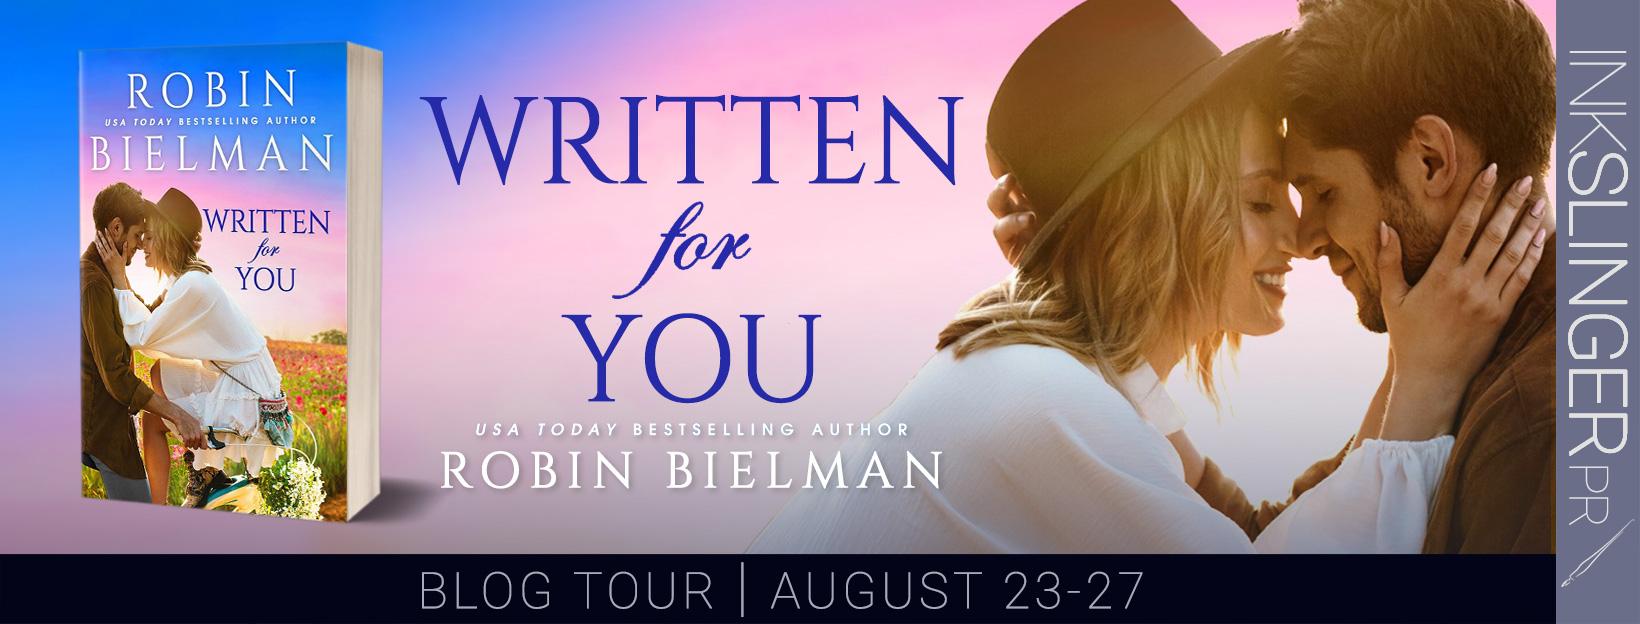 Blog Tour: Written for You by Robin Bielman